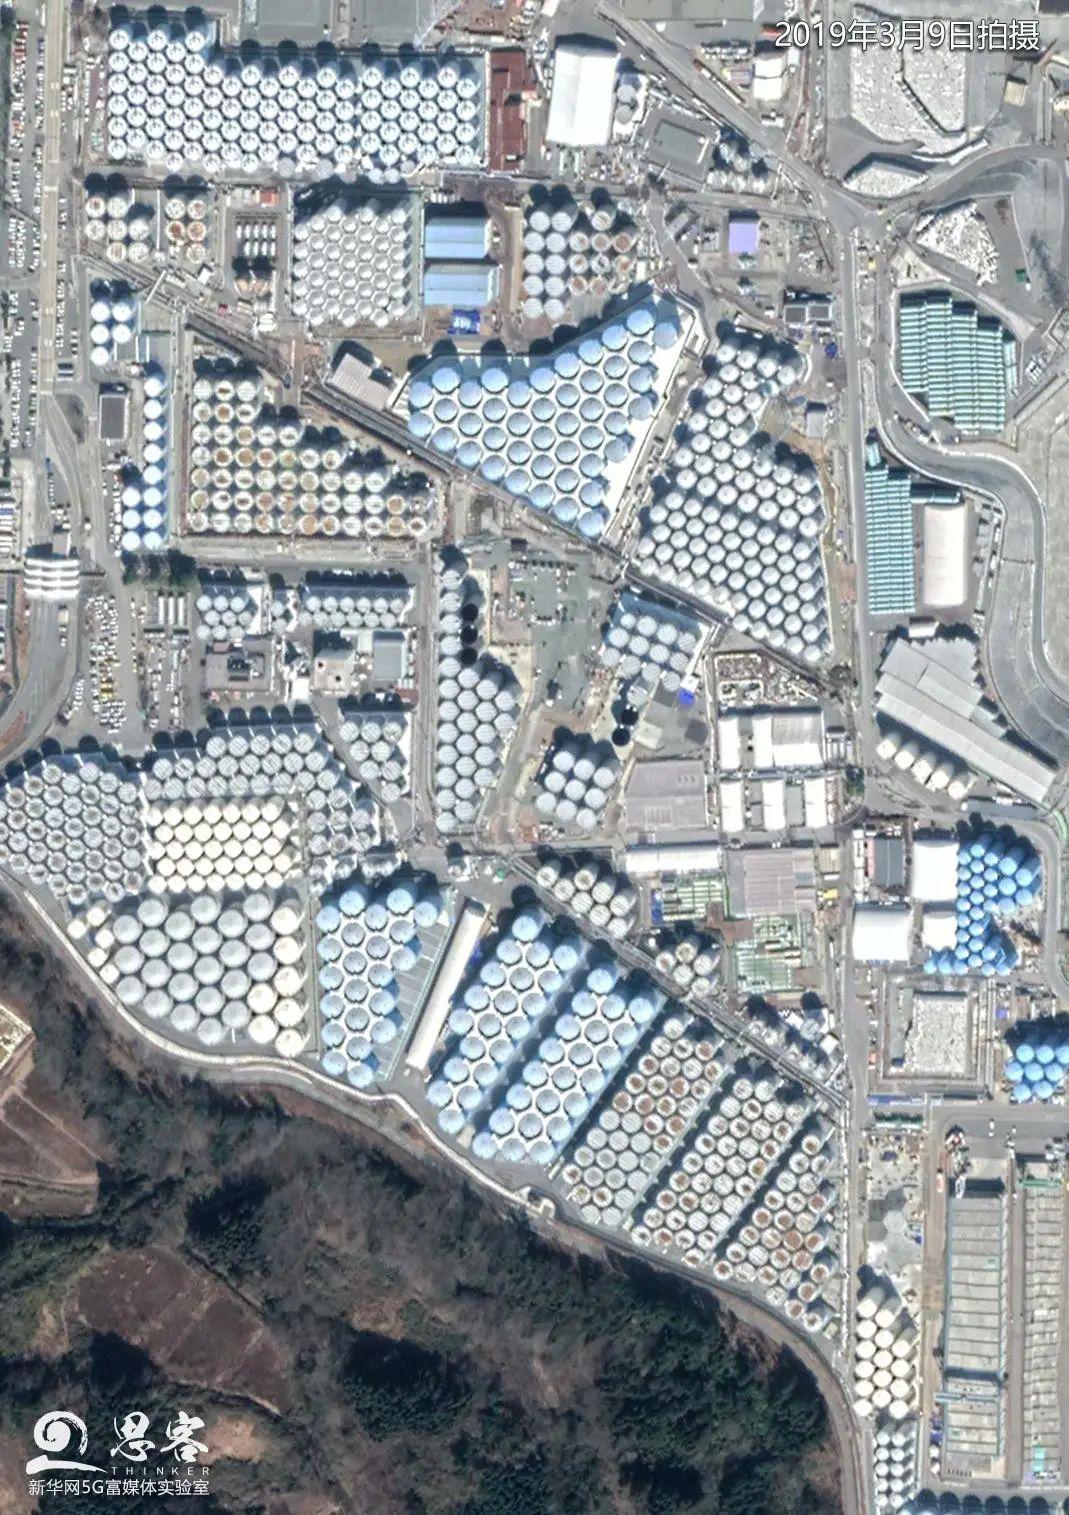 ▲日本福岛第一核电站内的核废水储存罐密密麻麻地摆放着。卫星数据来源:MAXAR